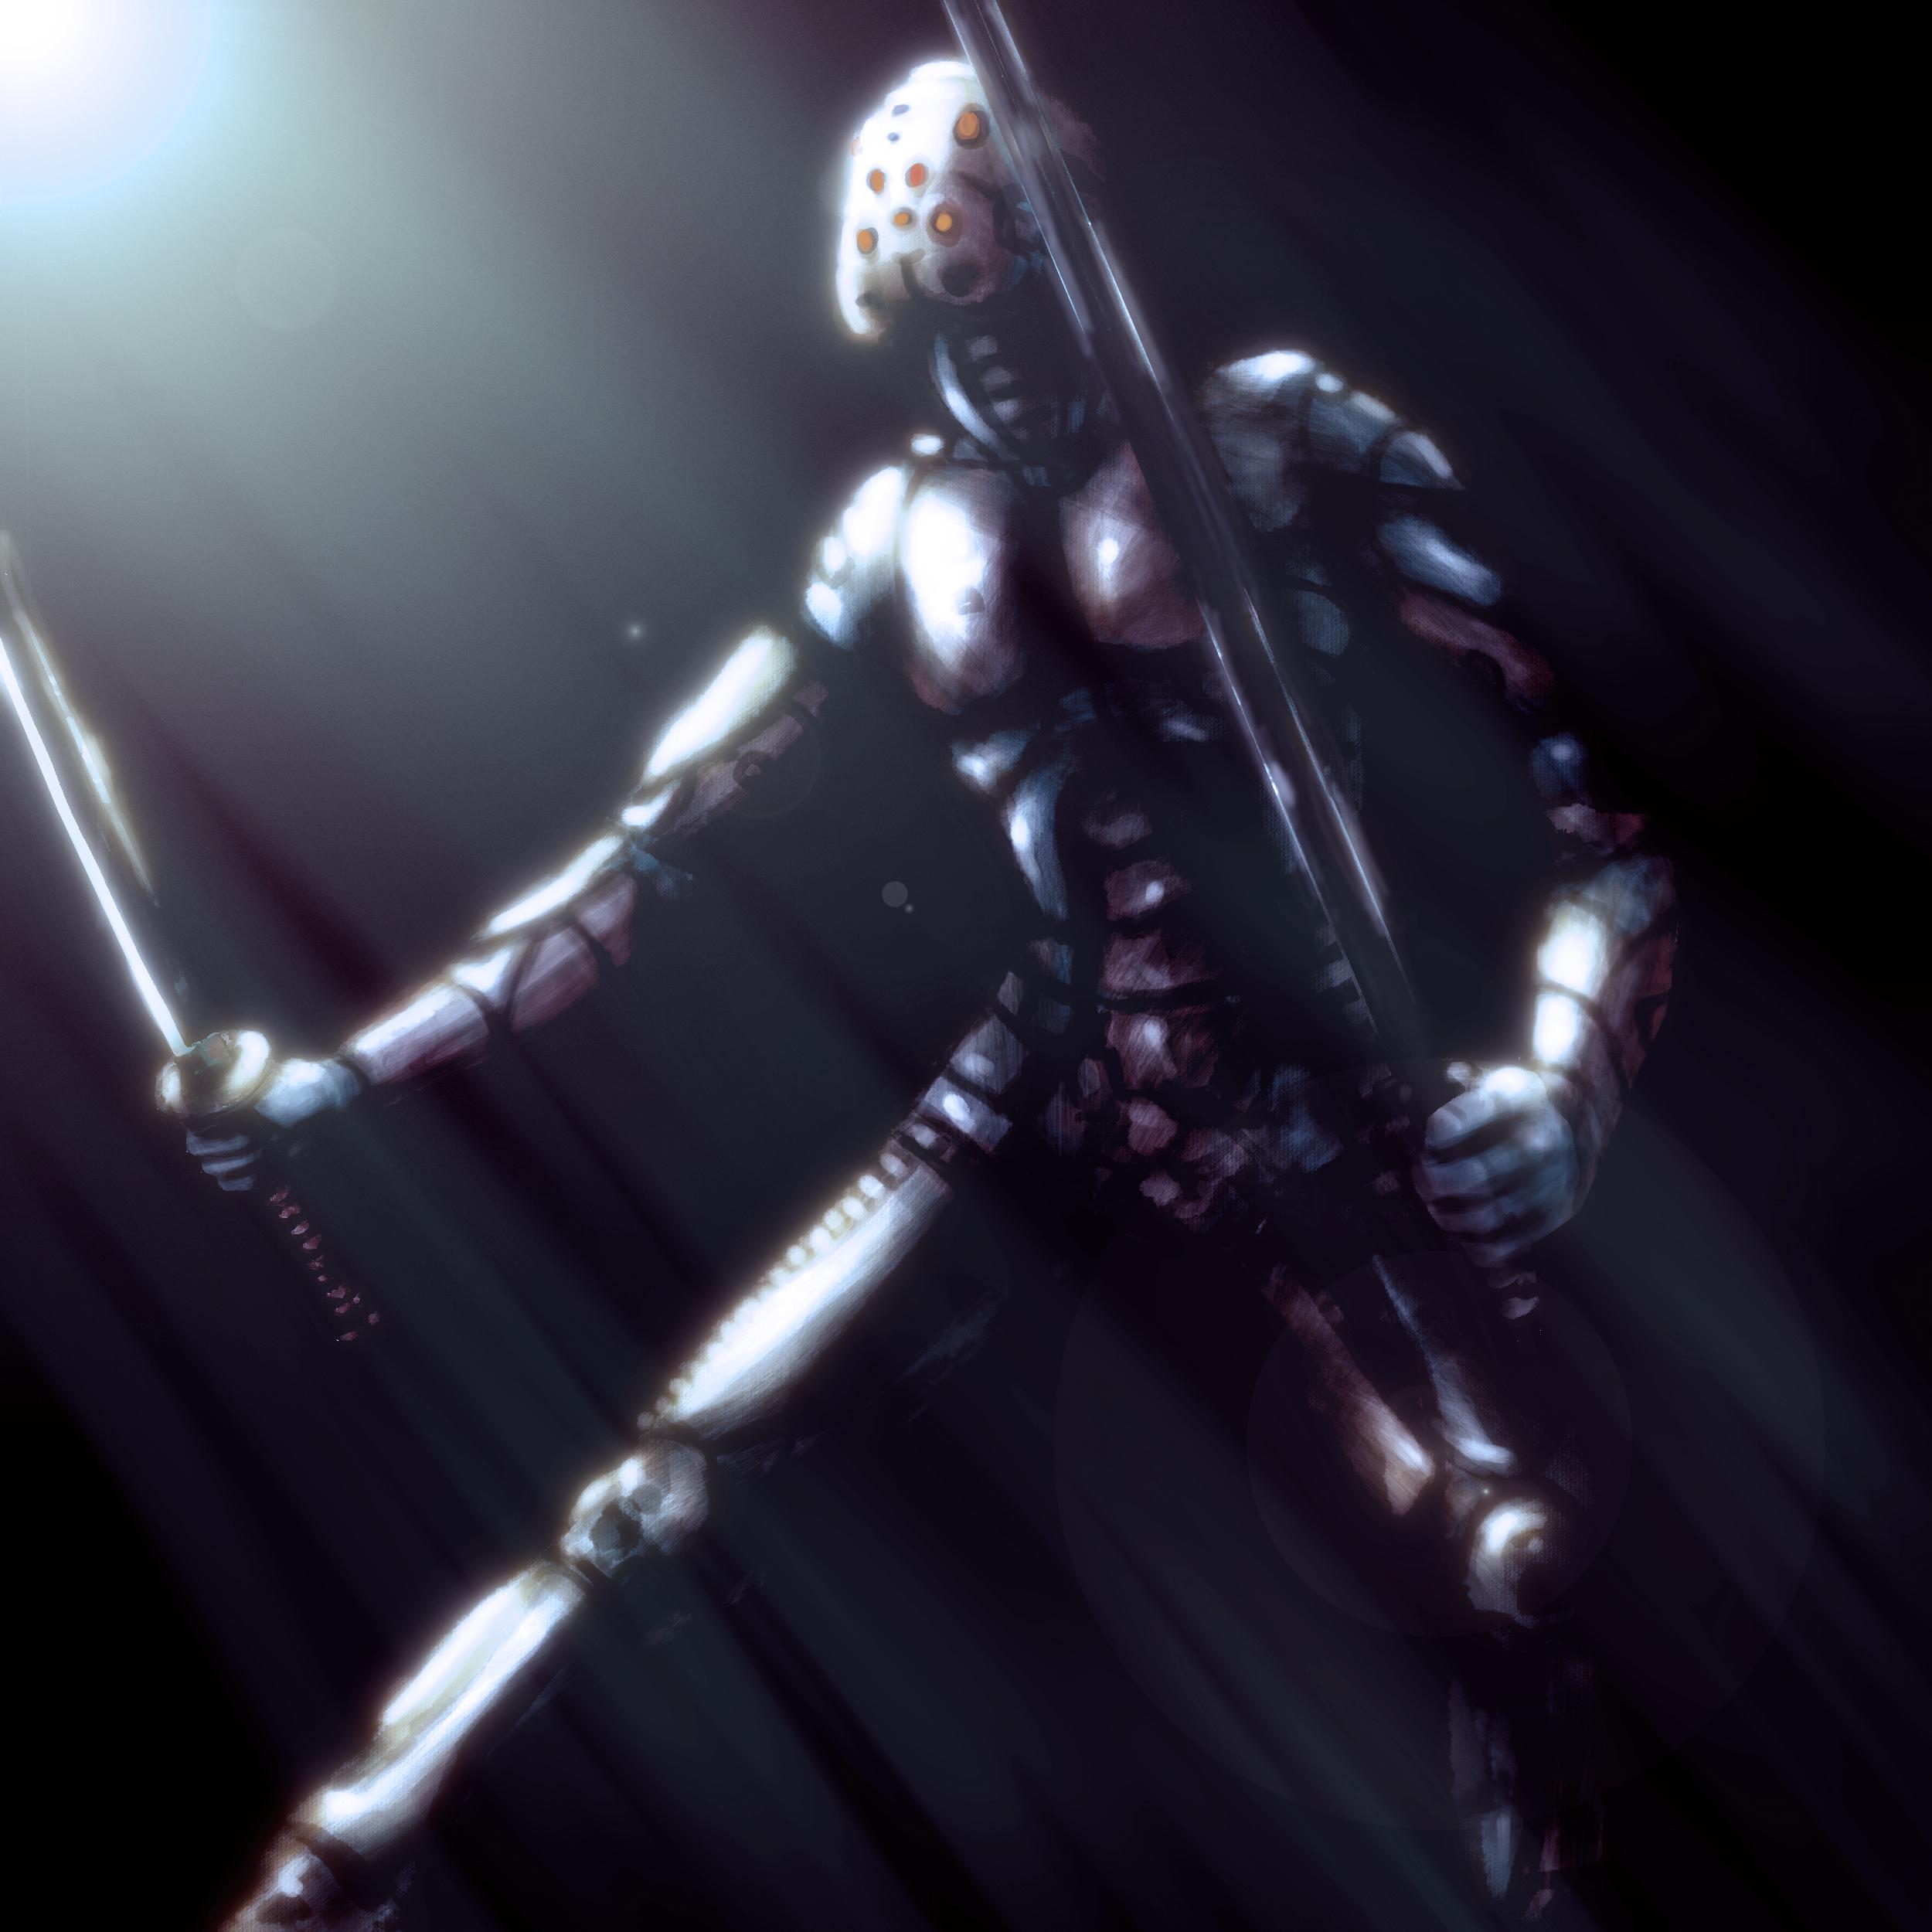 Highlander_Future_Warrior 3